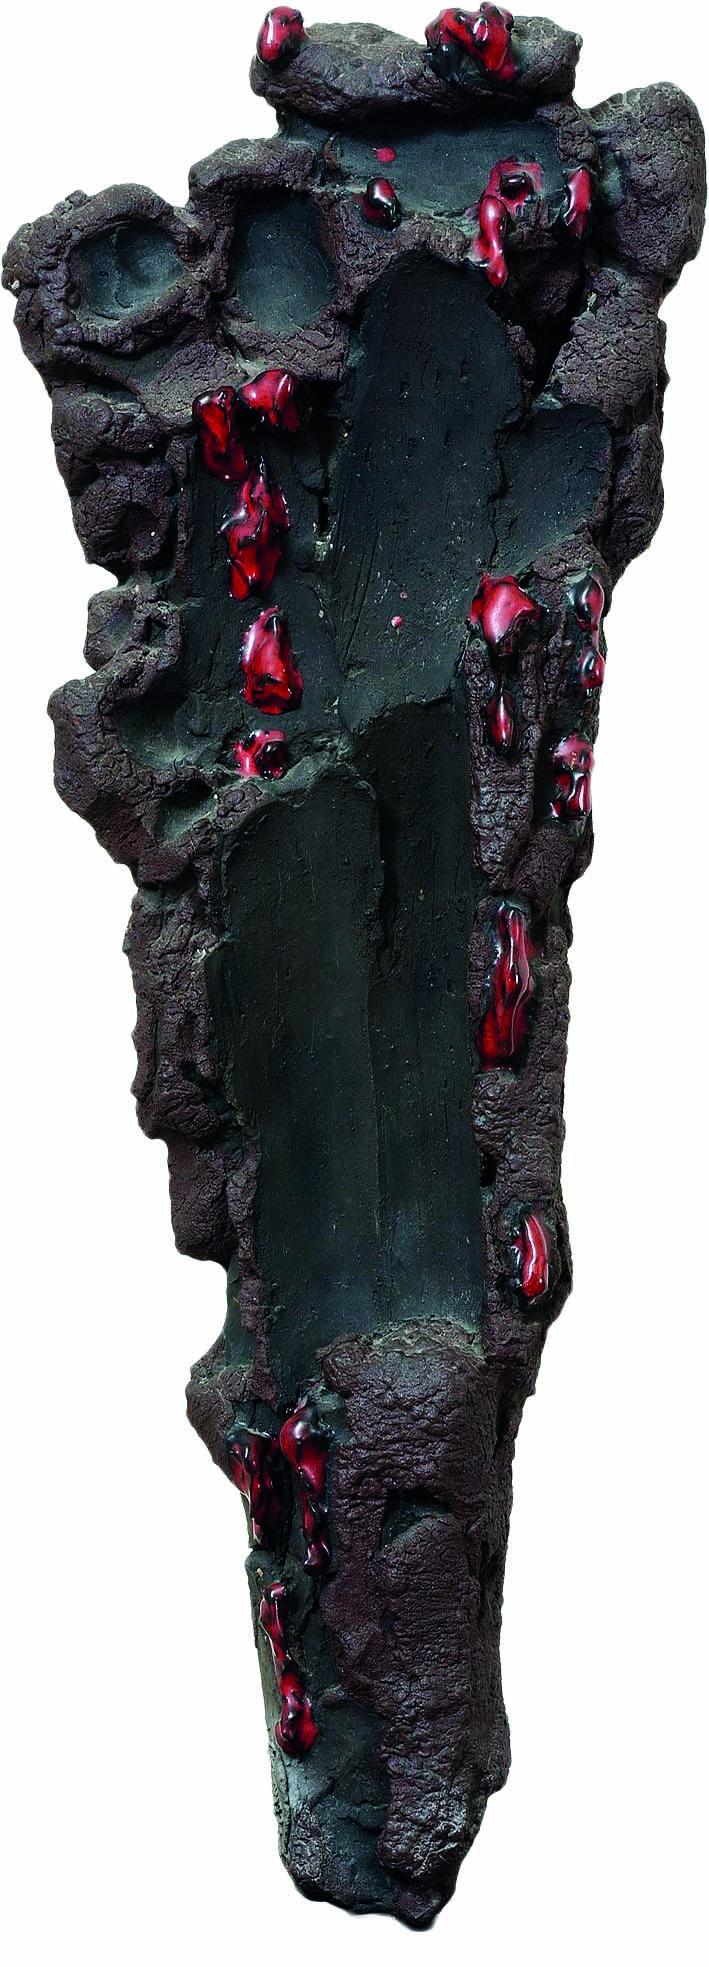 LEONCILLO, SCULTURA CON GOCCE ROSSE, 1960